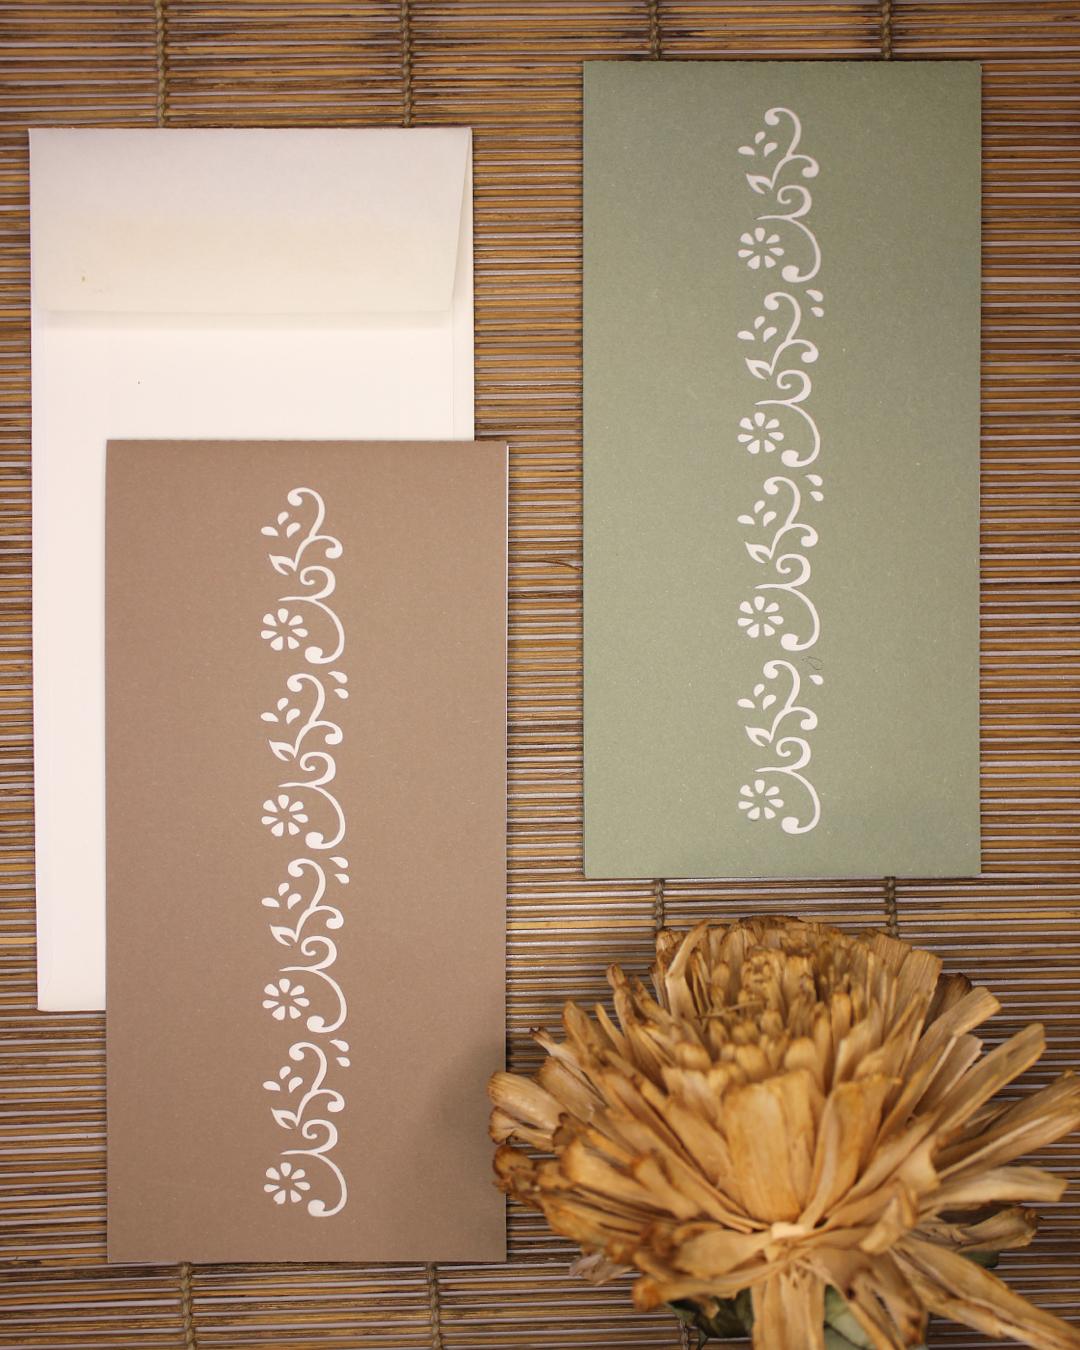 partecipazione wedding trepuntozero con carta forata stile giapponese